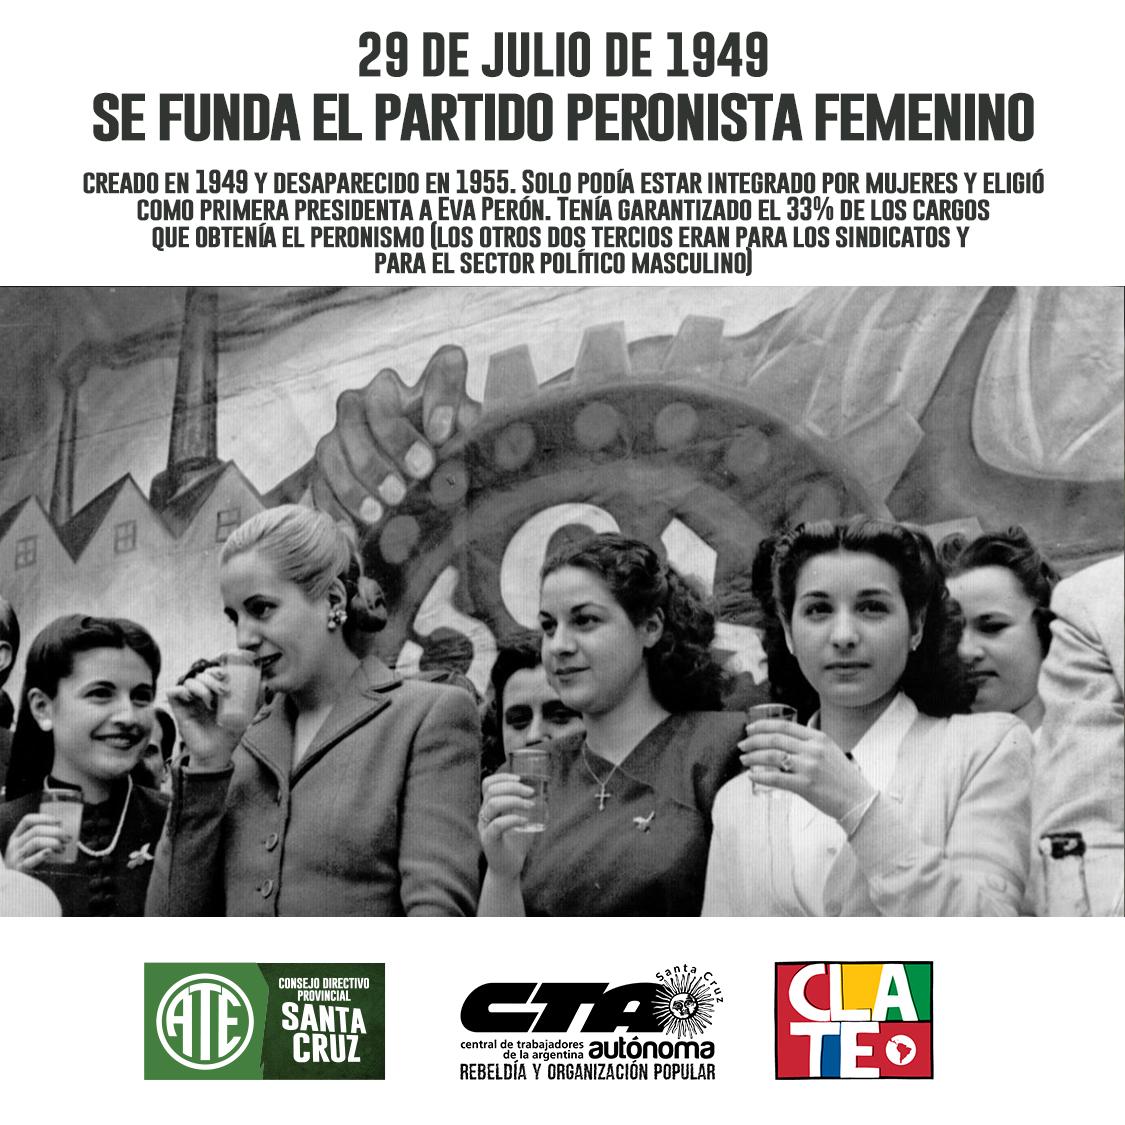 Fundación del Partido Peronista Femenino